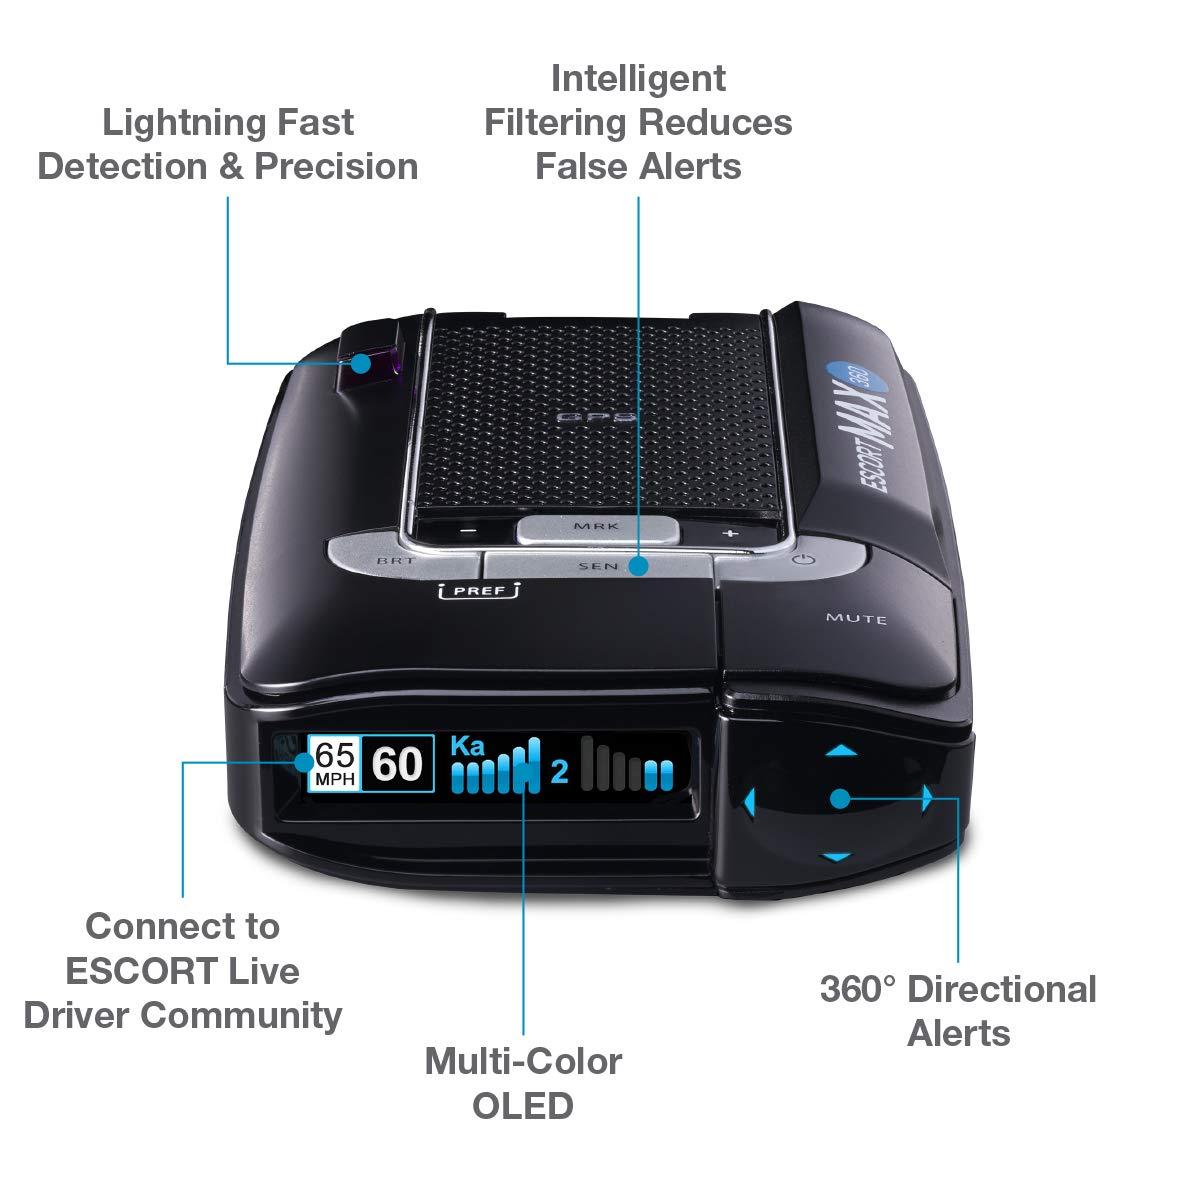 Mua Escort Max360 Laser Radar Detector Gps Directional